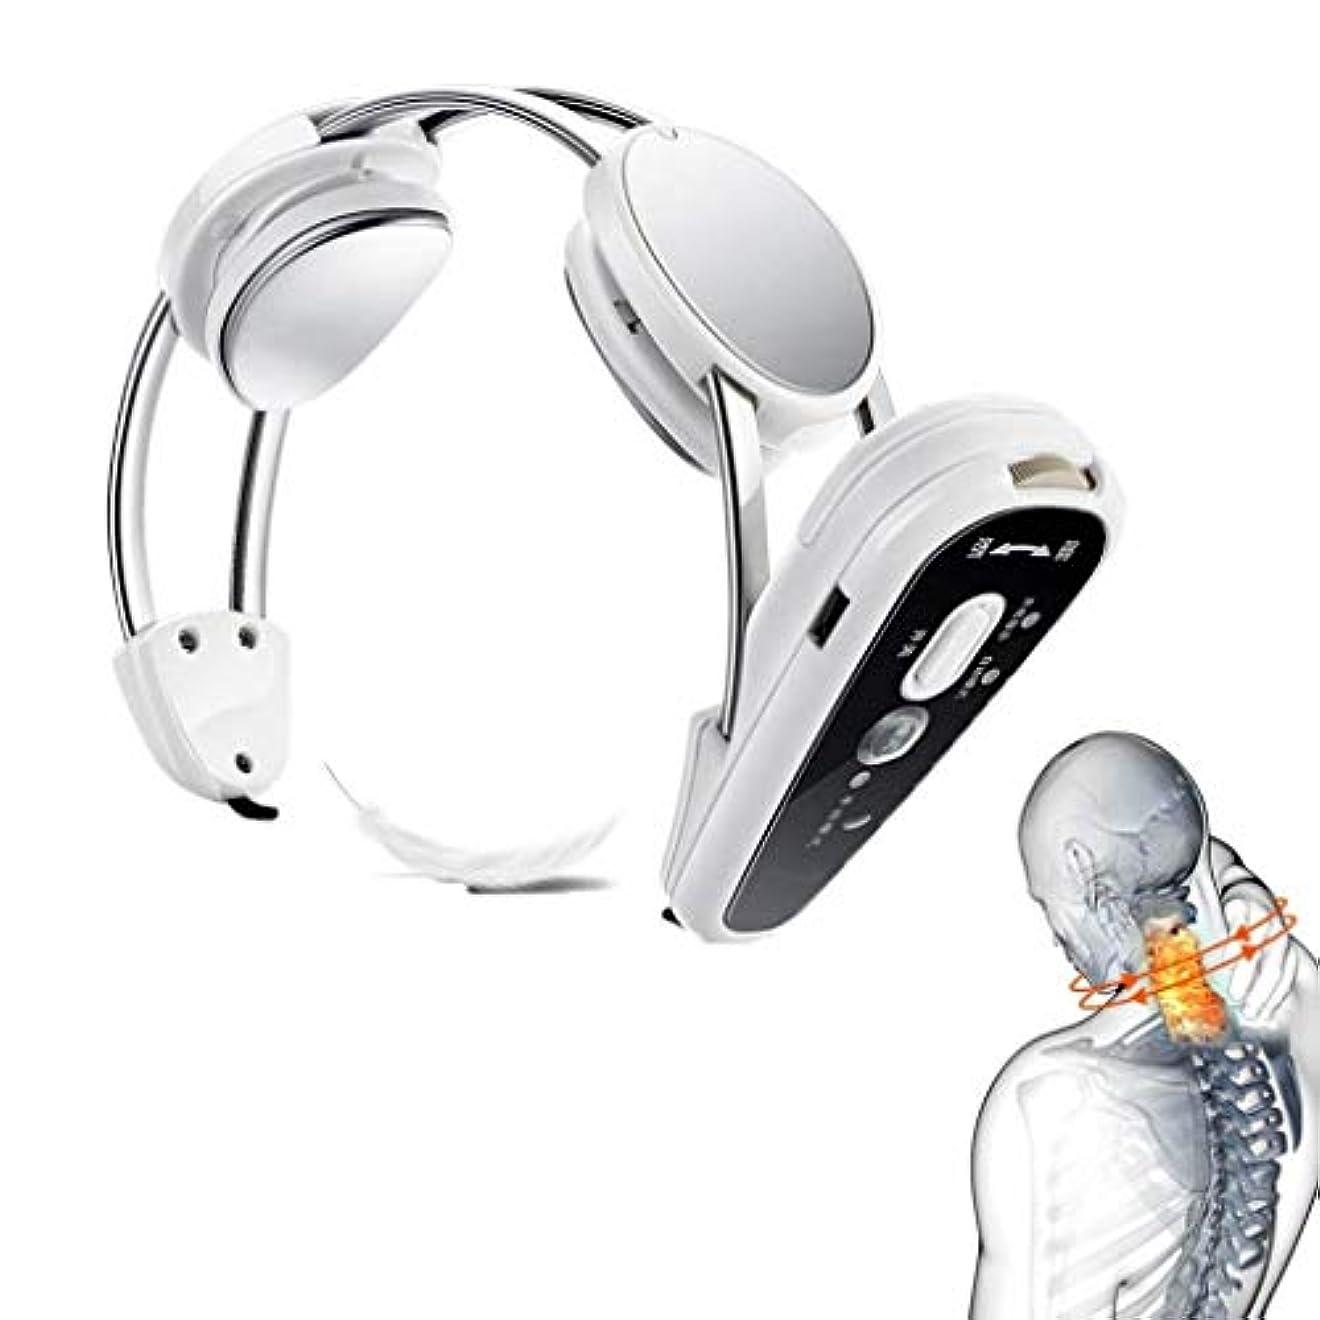 ベッツィトロットウッド料理桁熱くするUSB??充満の電気首のマッサージャーは筋肉痛を取り除き、慢性的な首の苦痛を取り除きます、家、オフィス/車/家のポータブル